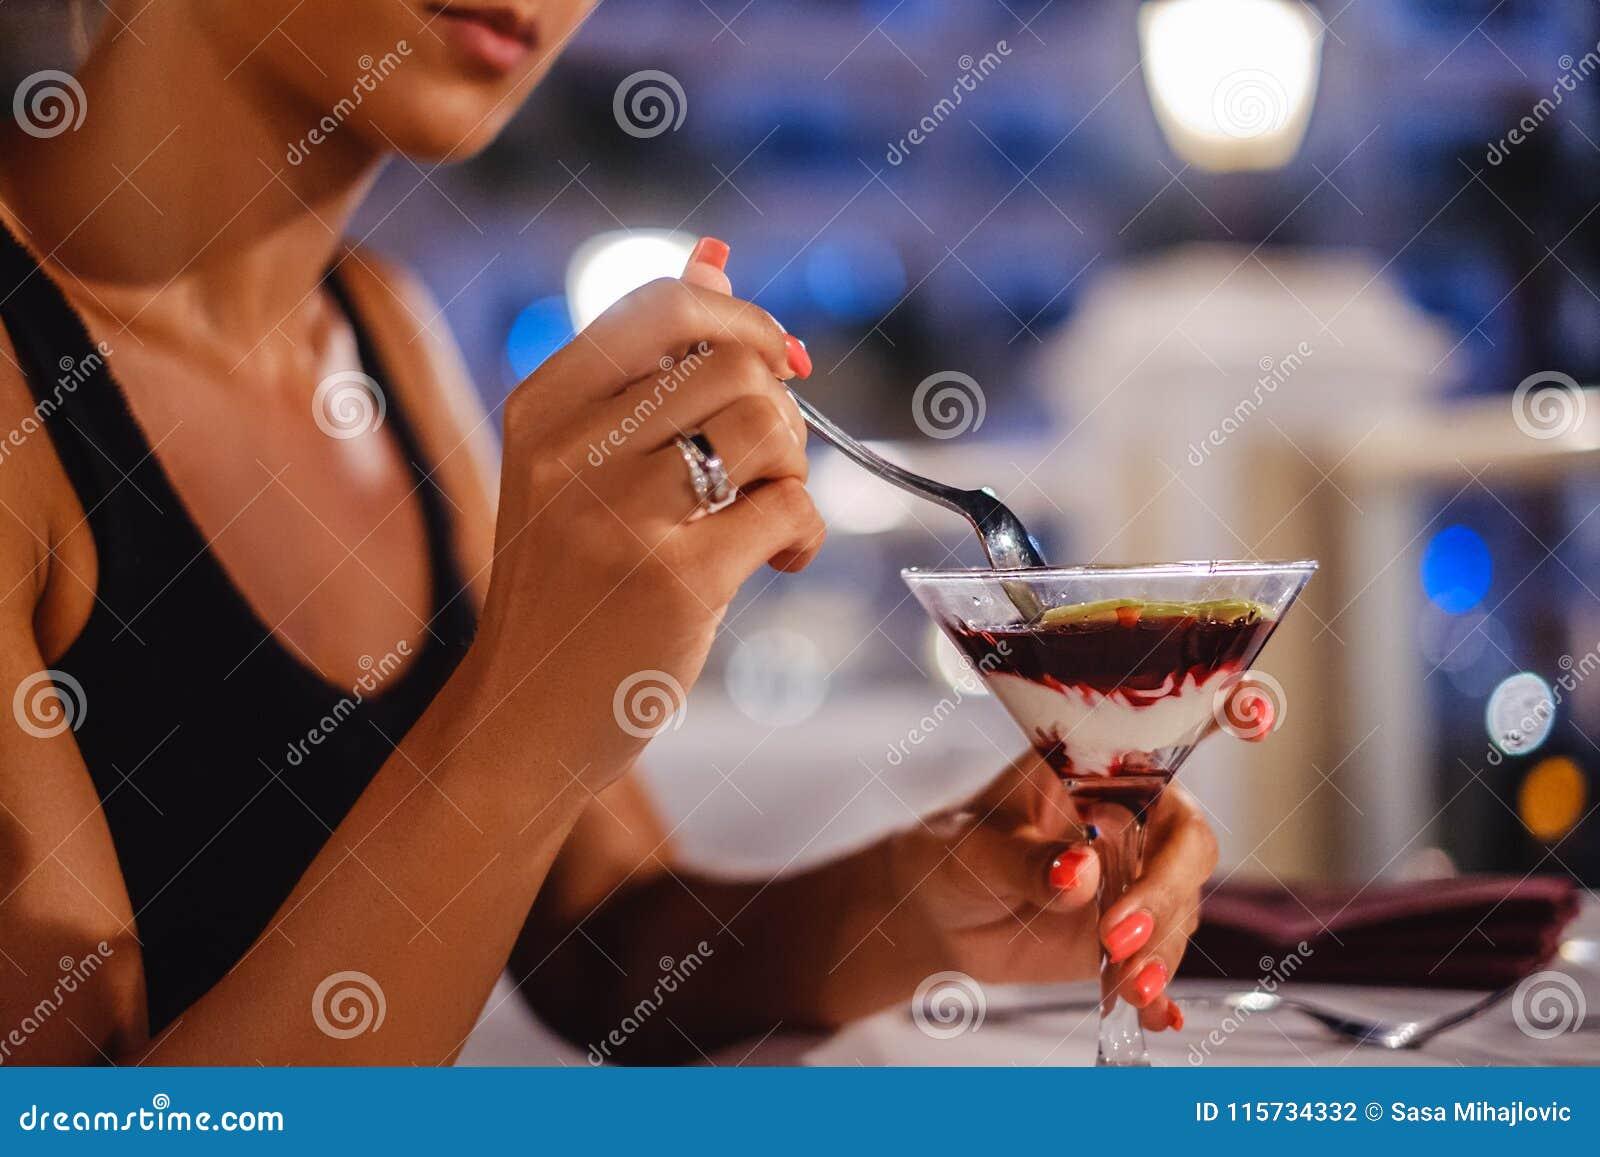 Девушка и десерт картинка #1